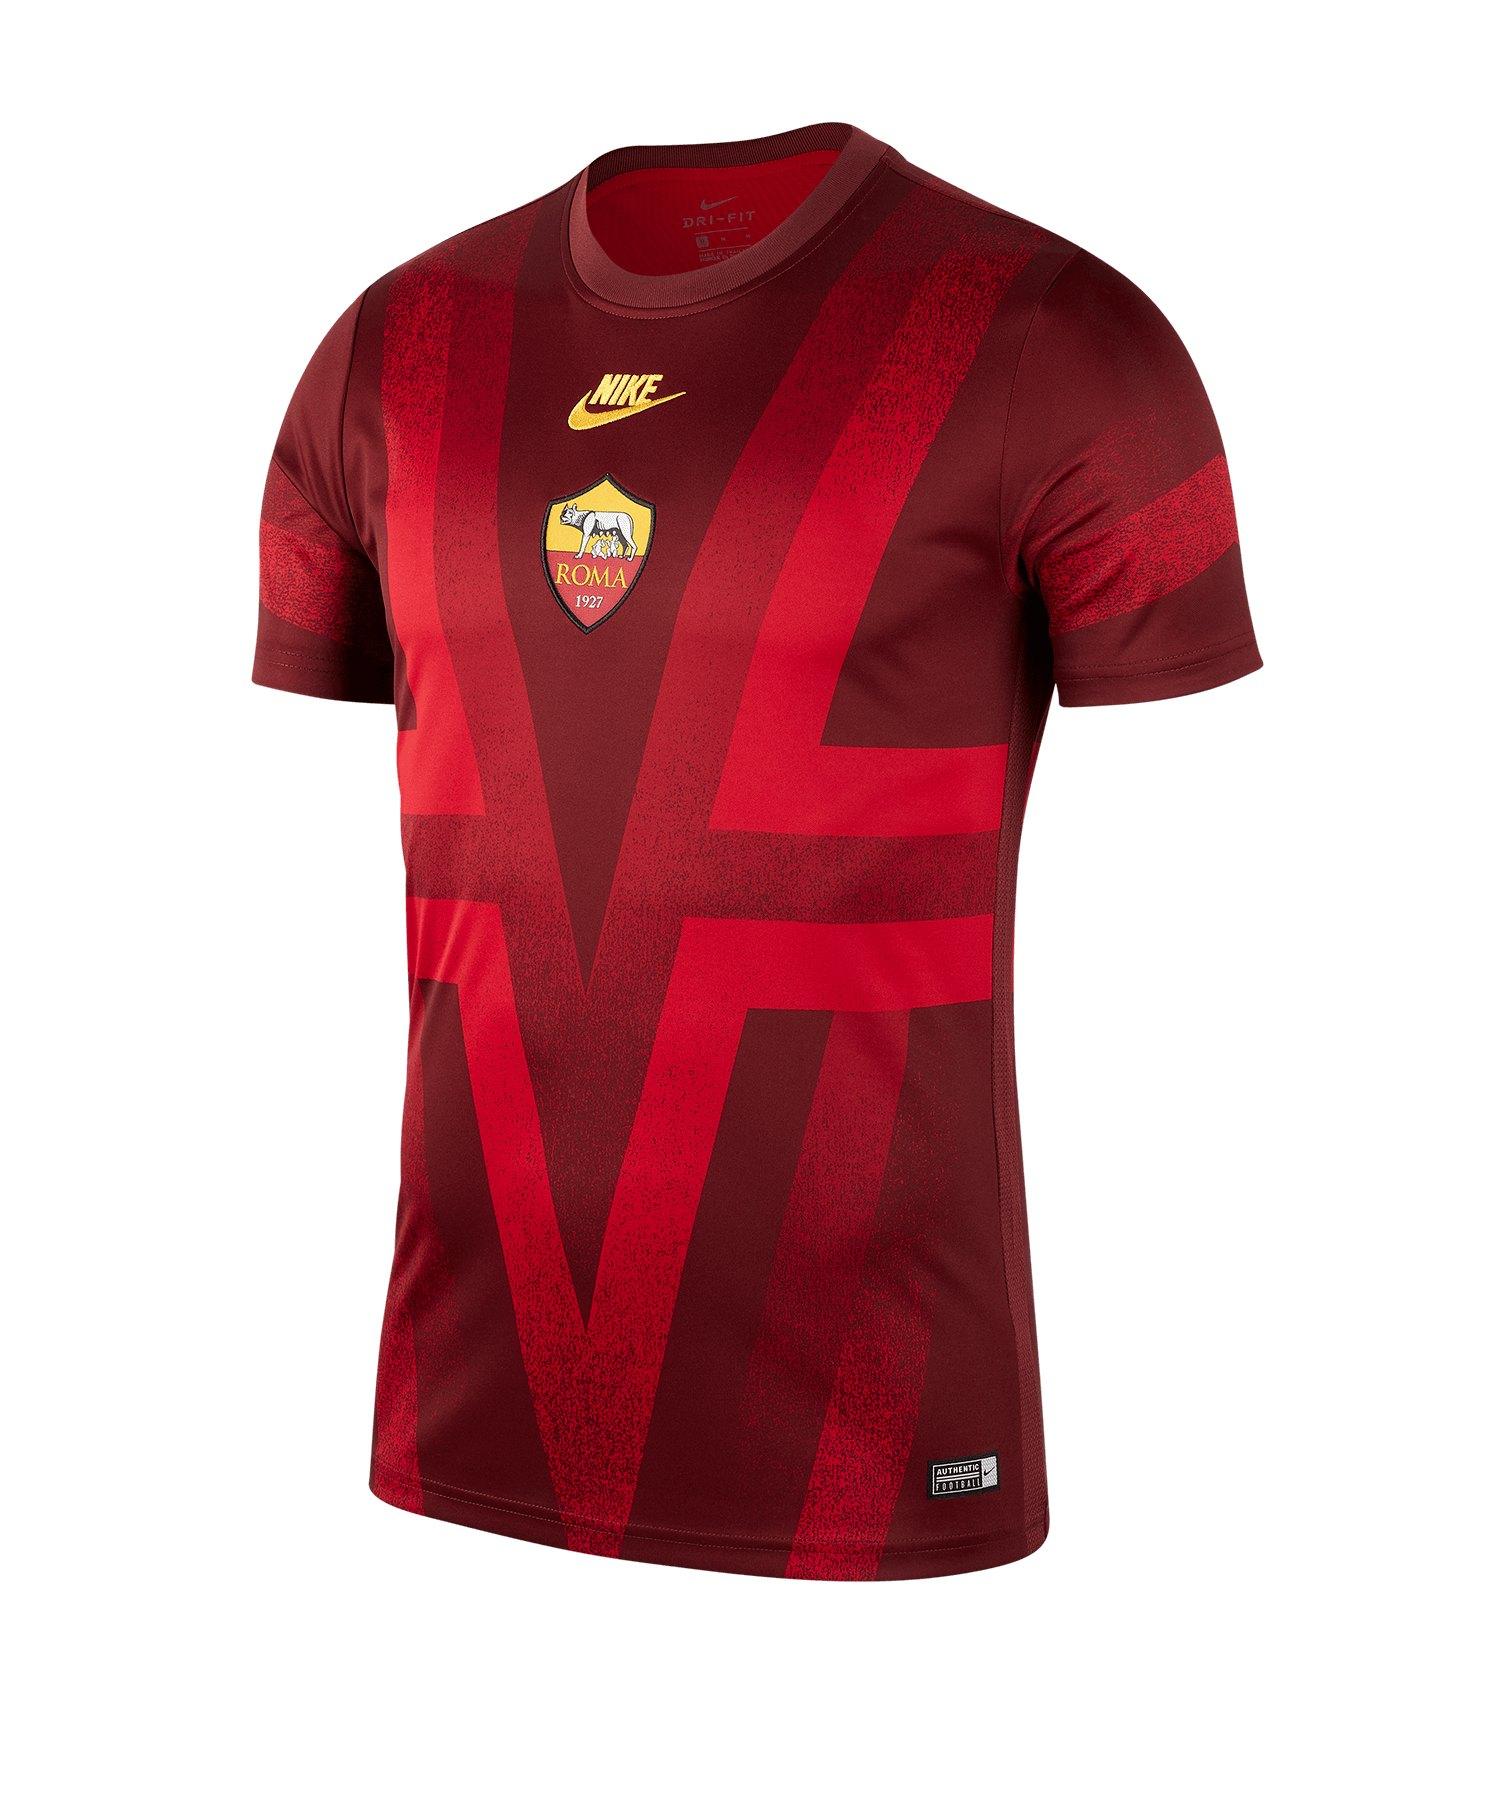 Nike AS Rom Dry Shirt kurzarm CL Rot F619 - rot